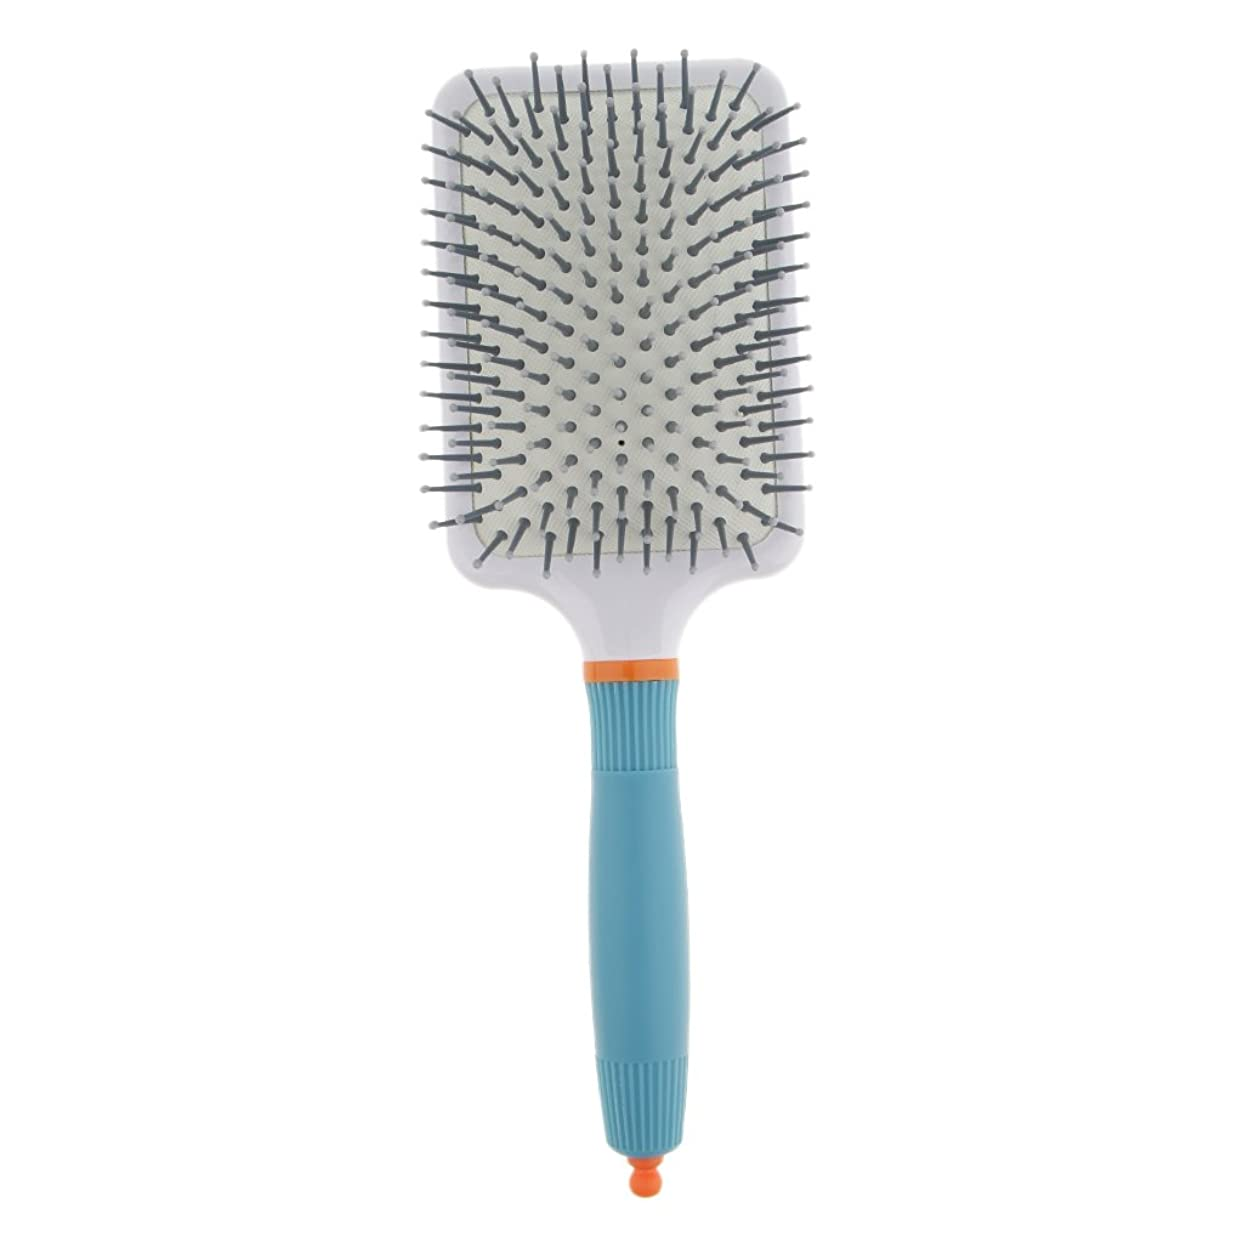 大学院きしむ軽減するFenteer 頭皮マッサージ ヘアブラシ 櫛 パドル エアクッション櫛 2色選べる - ライトブルー